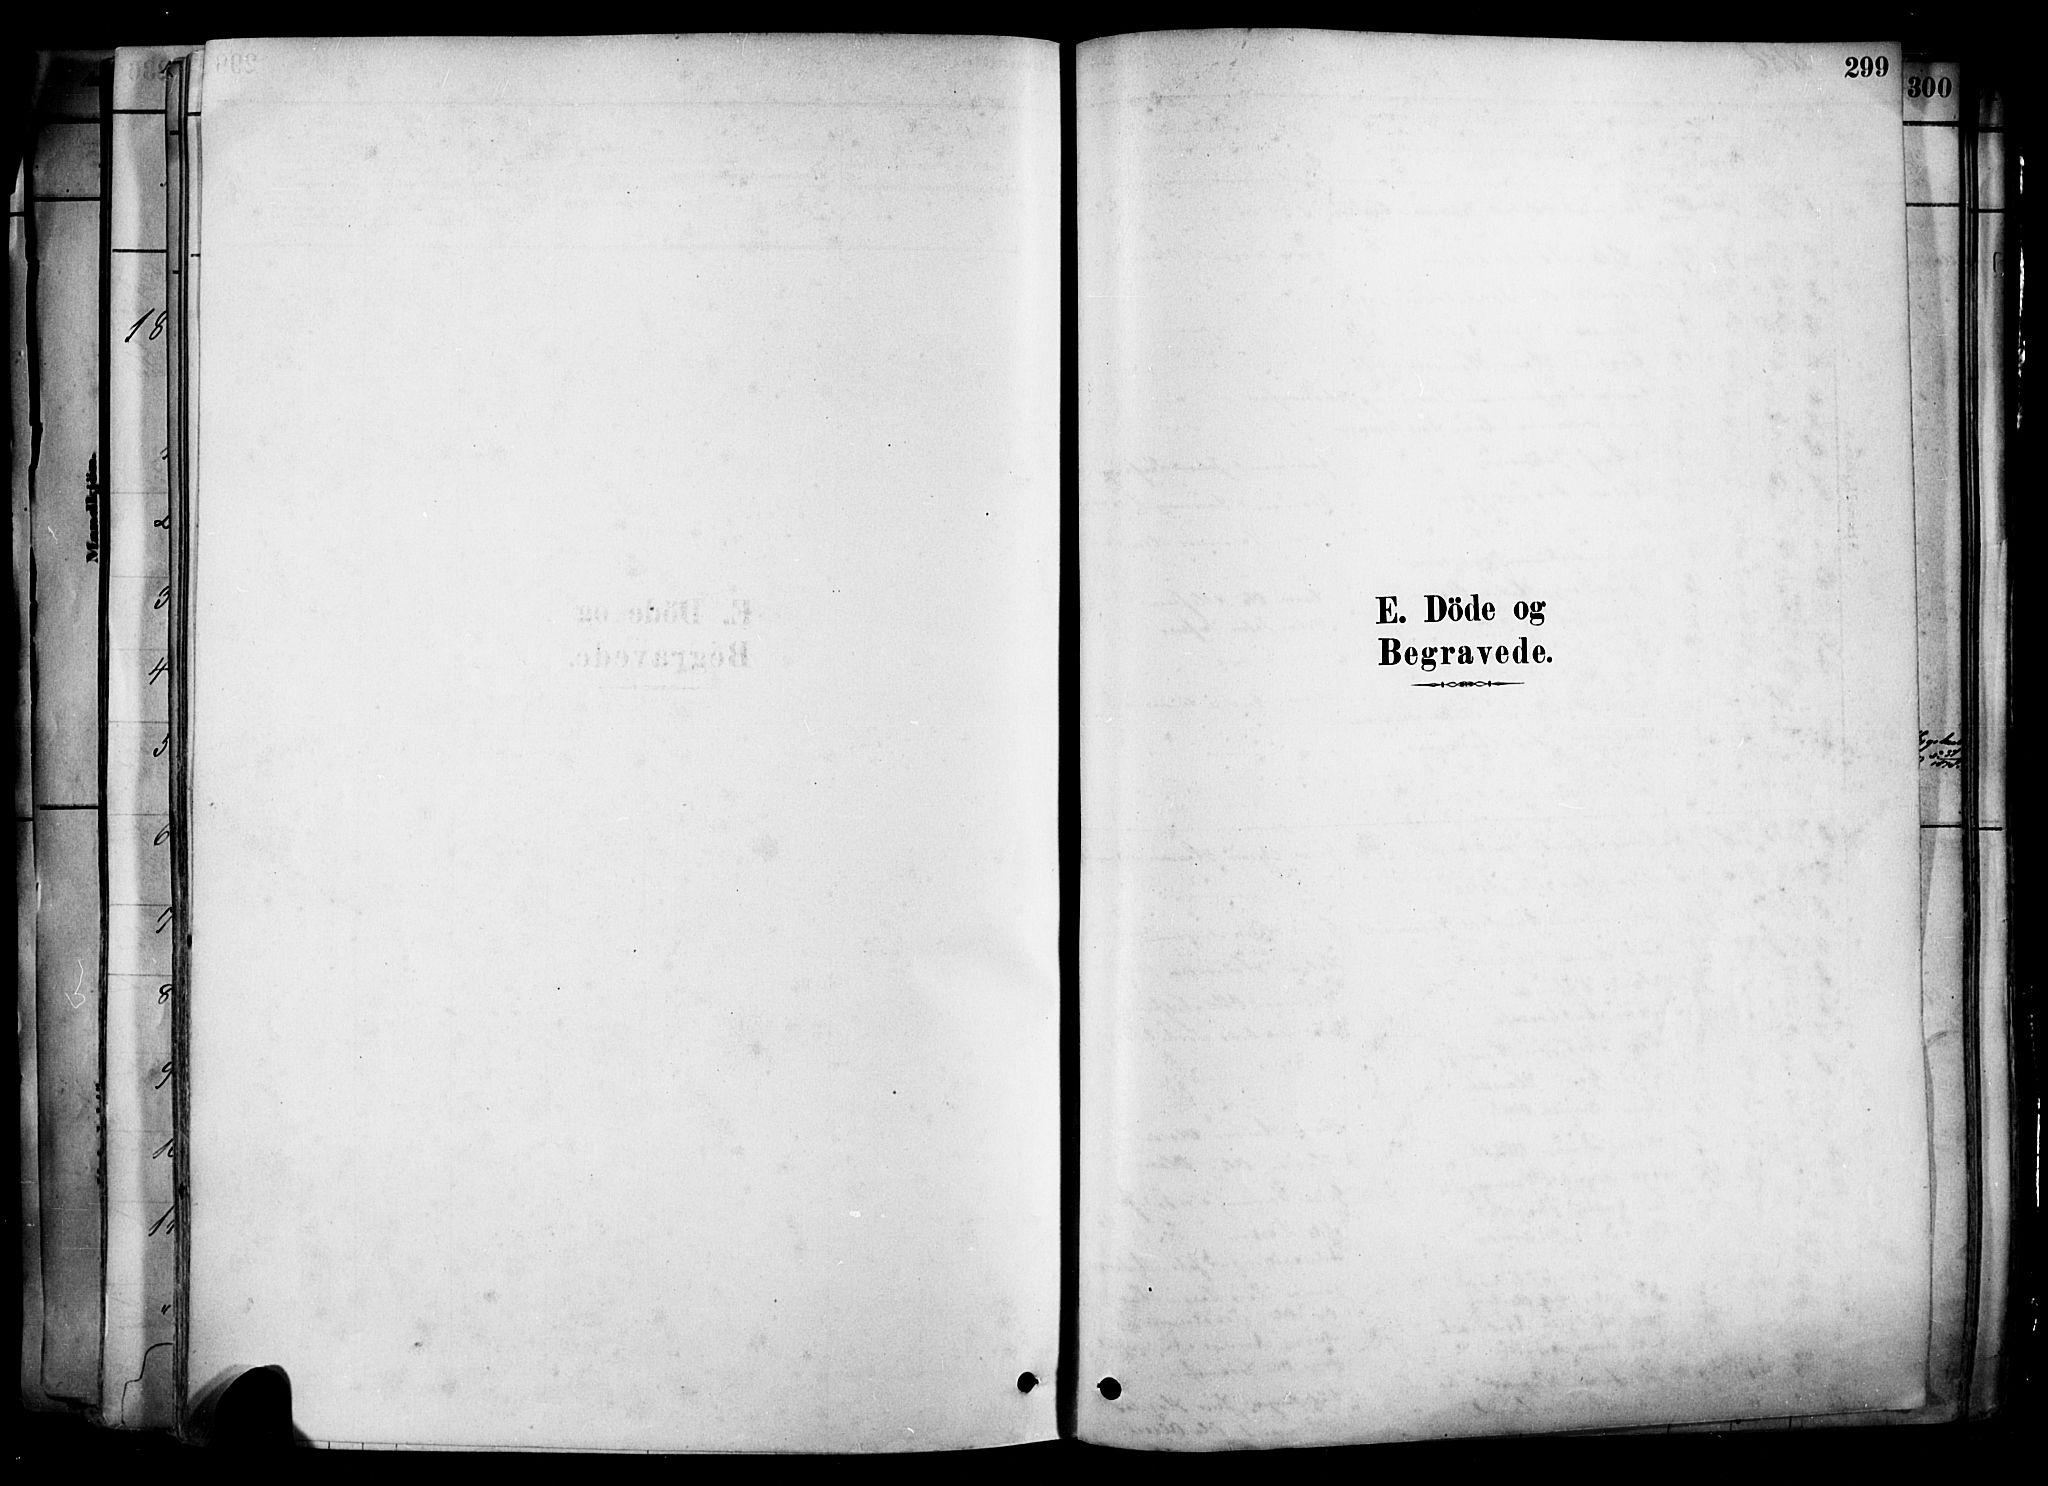 SAKO, Heddal kirkebøker, F/Fa/L0008: Ministerialbok nr. I 8, 1878-1903, s. 299